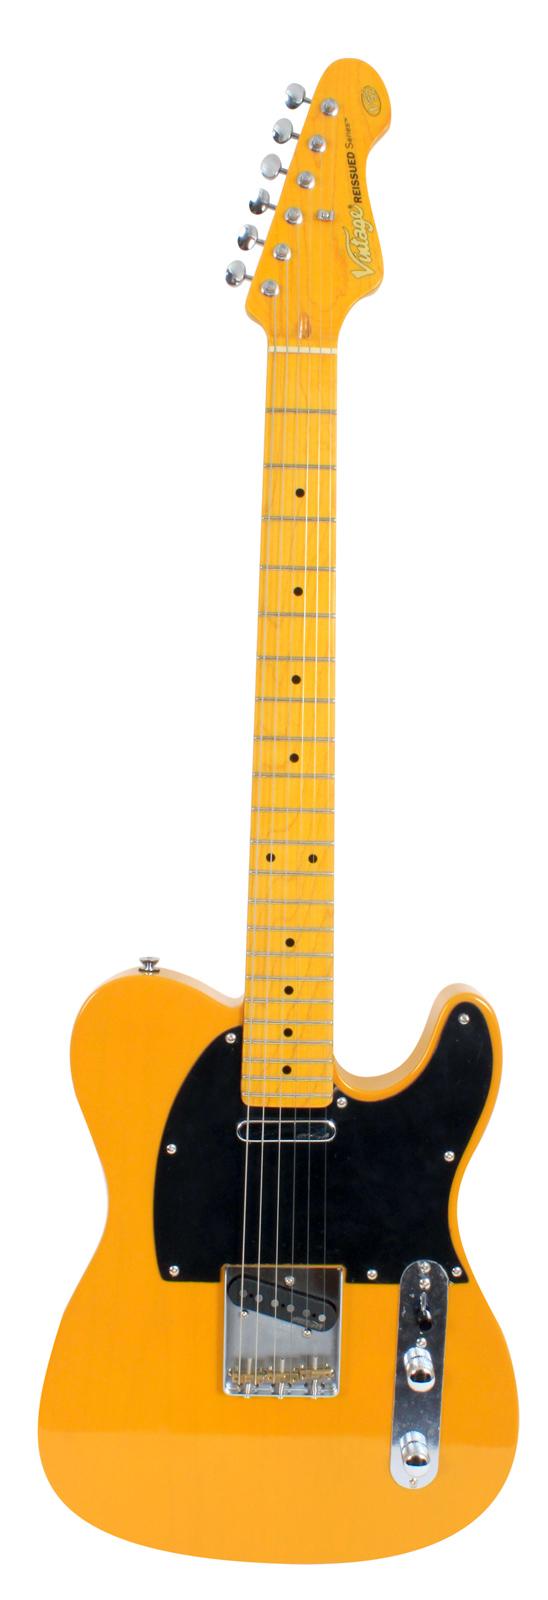 Vintage Guitars V52 Bs Butterscotch